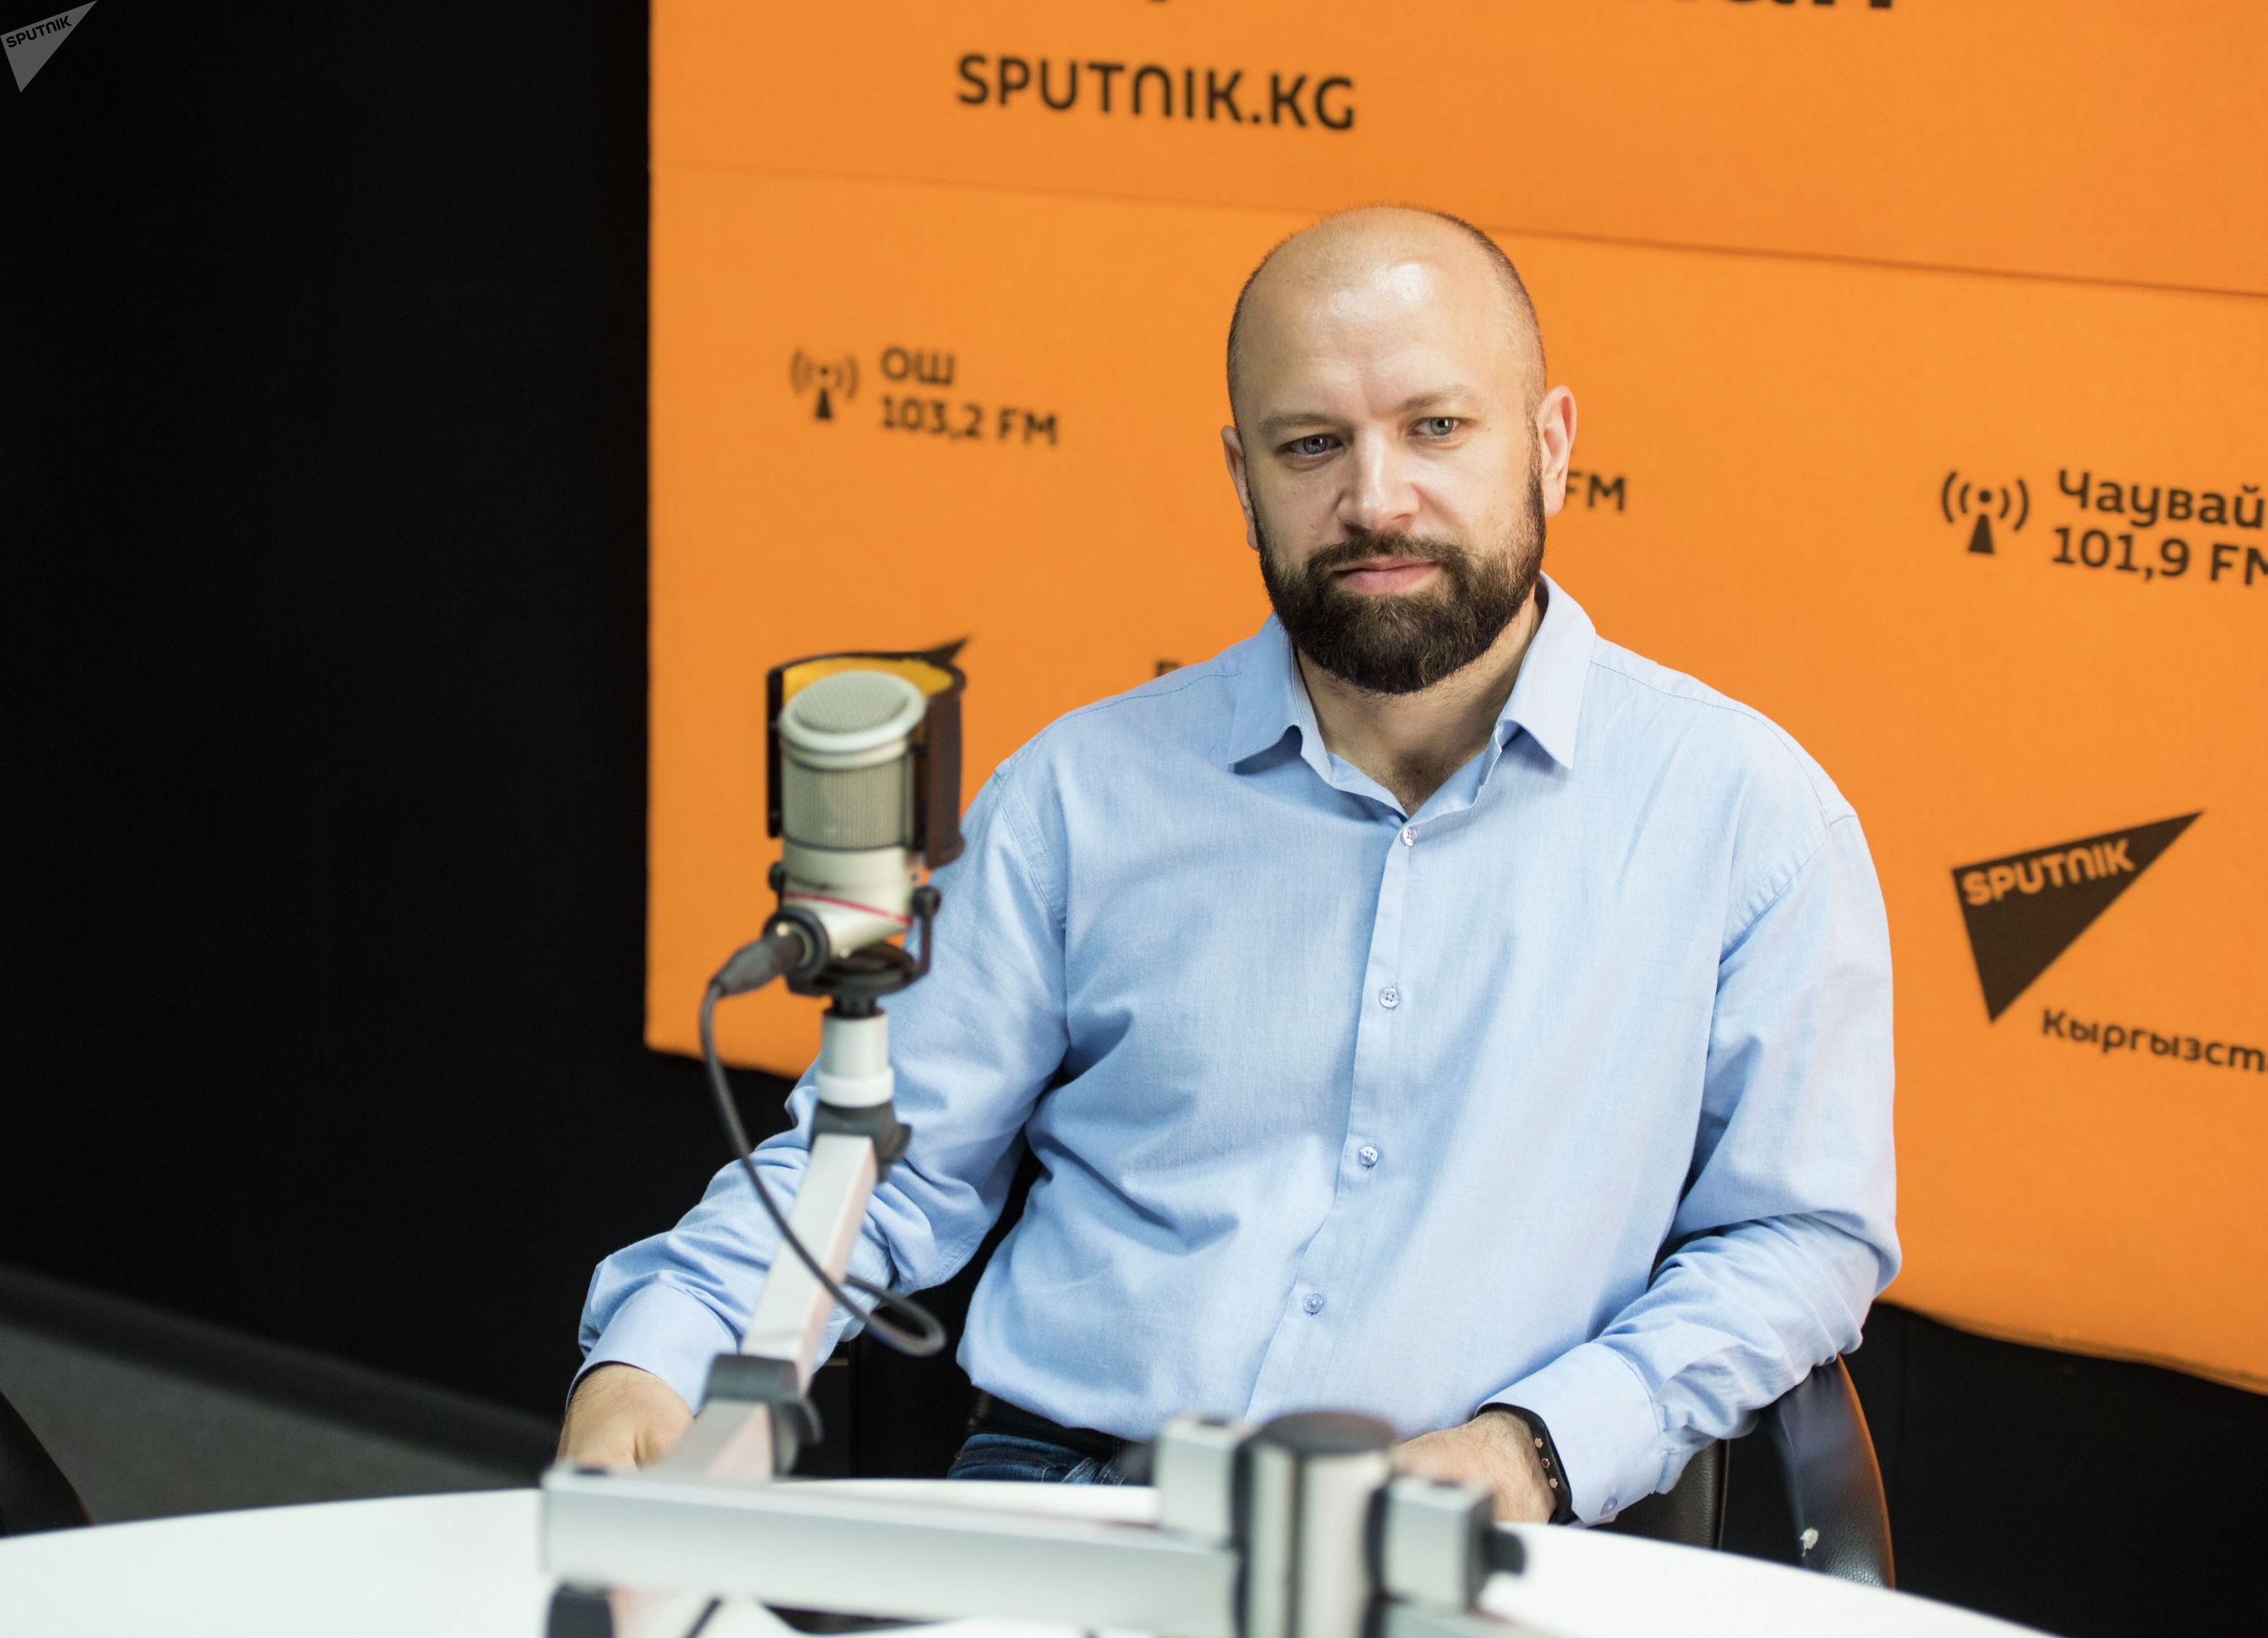 Руководитель проекта по внедрению электронного билетирования Арсен Кондахчан